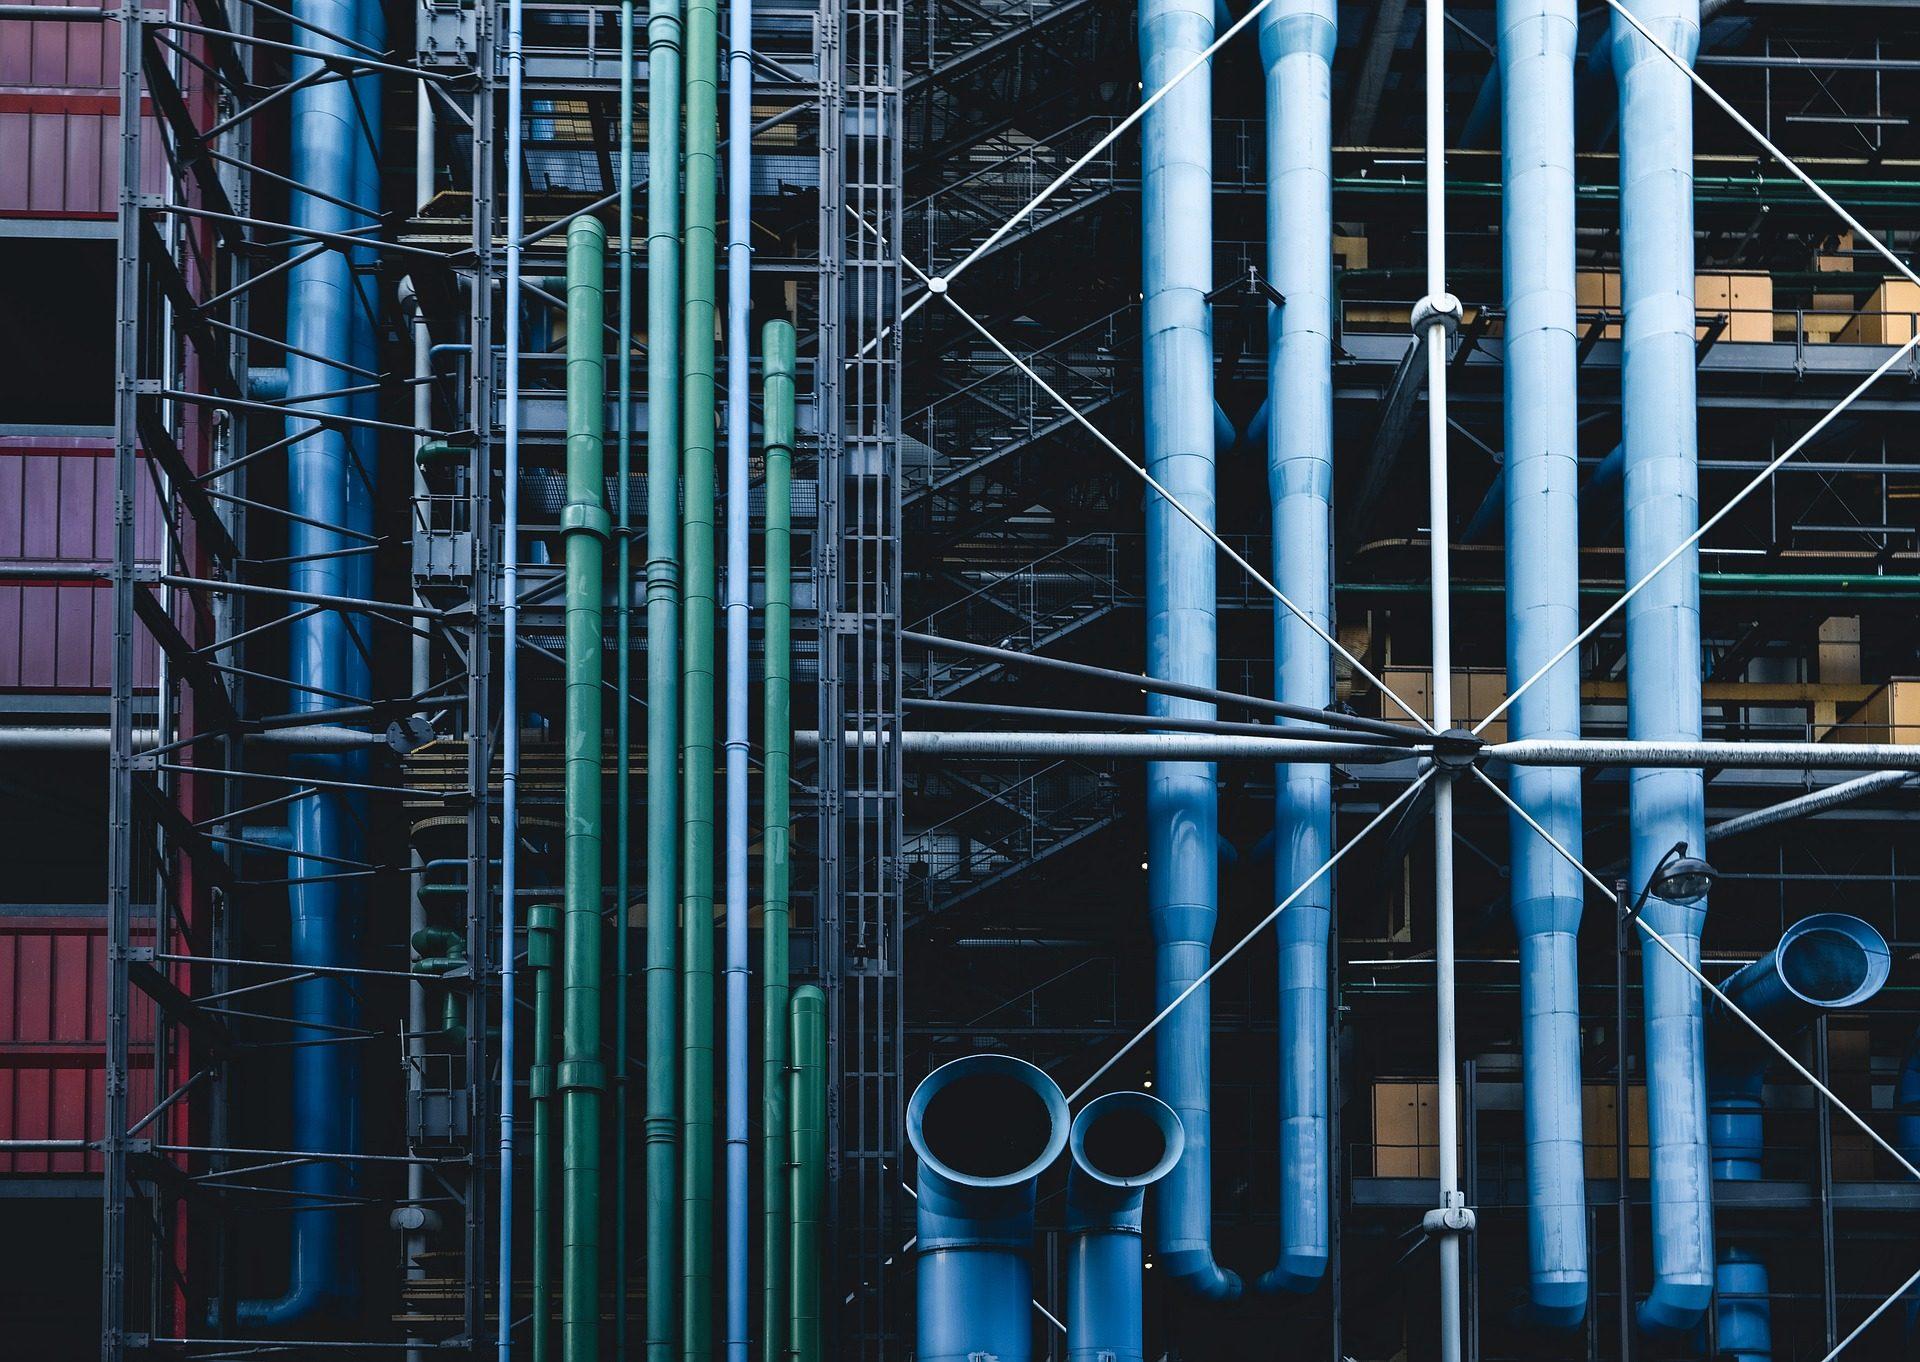 fábrica, tubos, conexões, indústria, Equipamentos, estruturas - Papéis de parede HD - Professor-falken.com